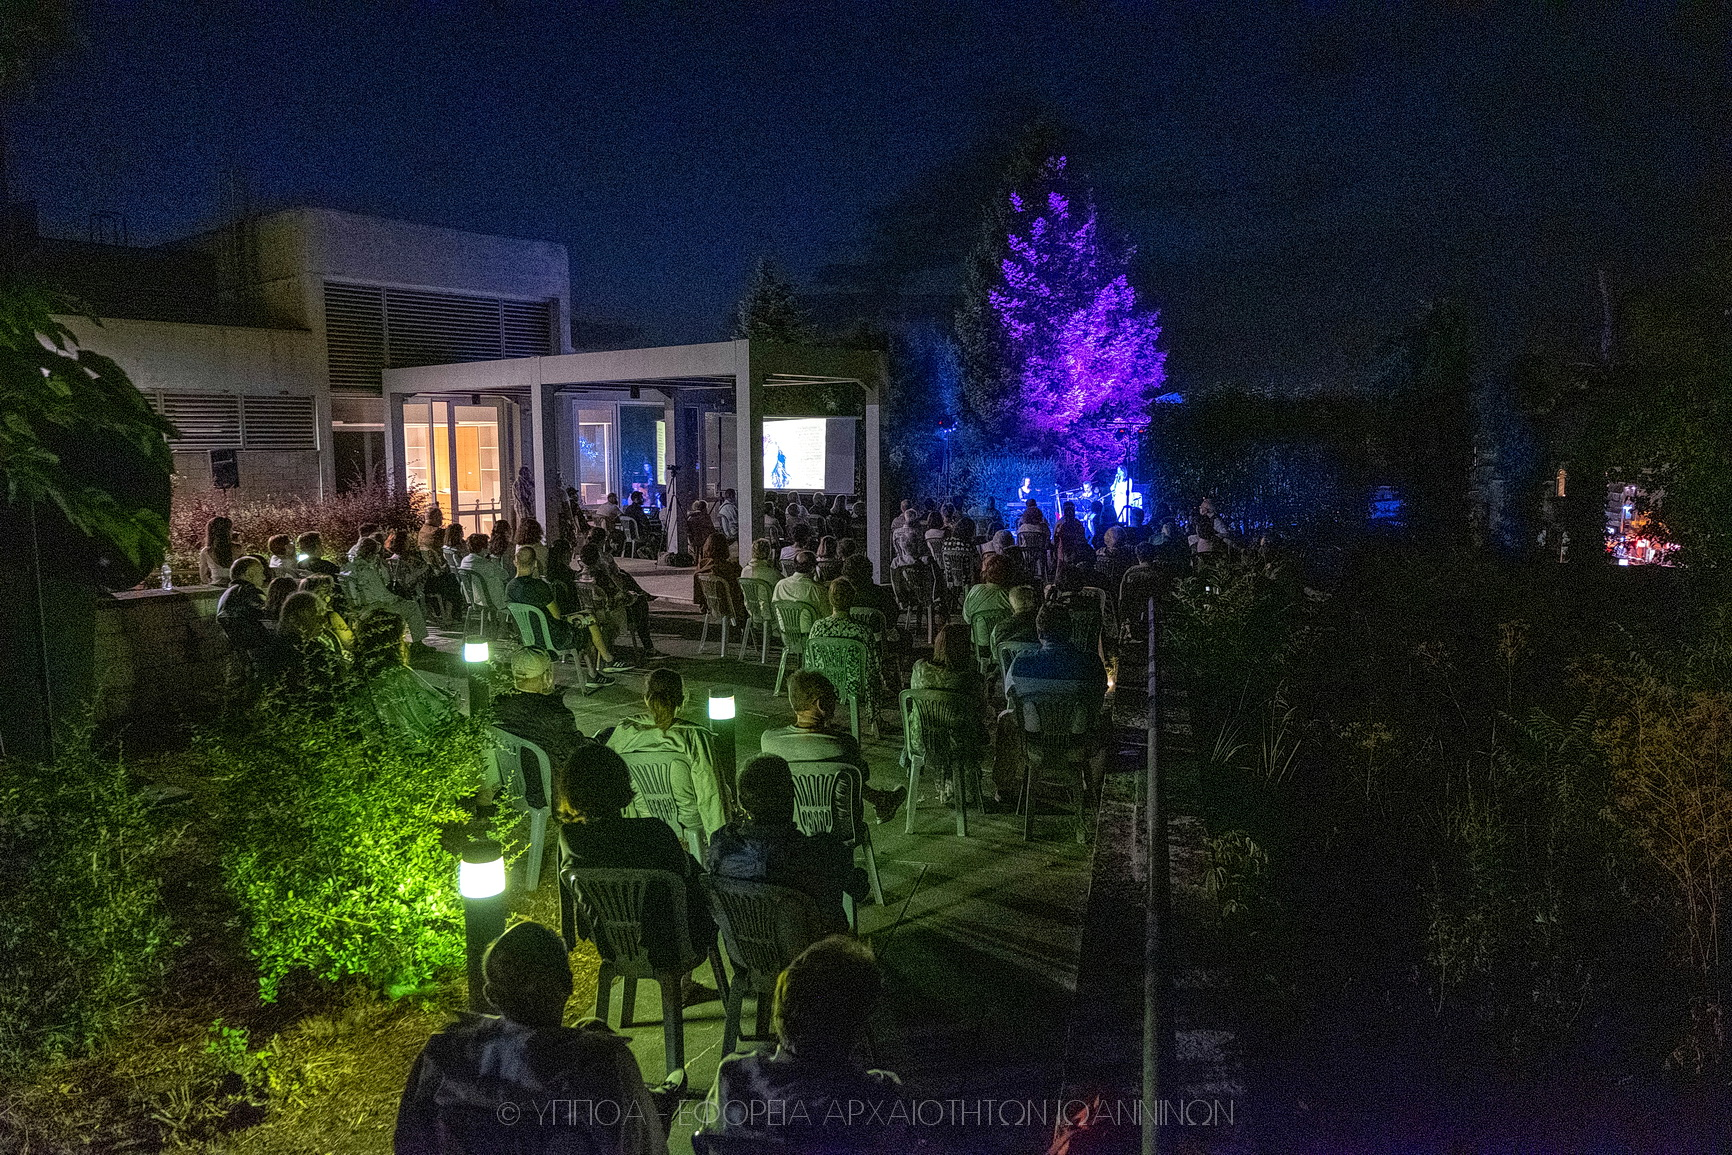 Ιωάννινα:Συναυλία με τον Παναγιώτη Μάργαρη στο Αρχαιολογικό Μουσείο